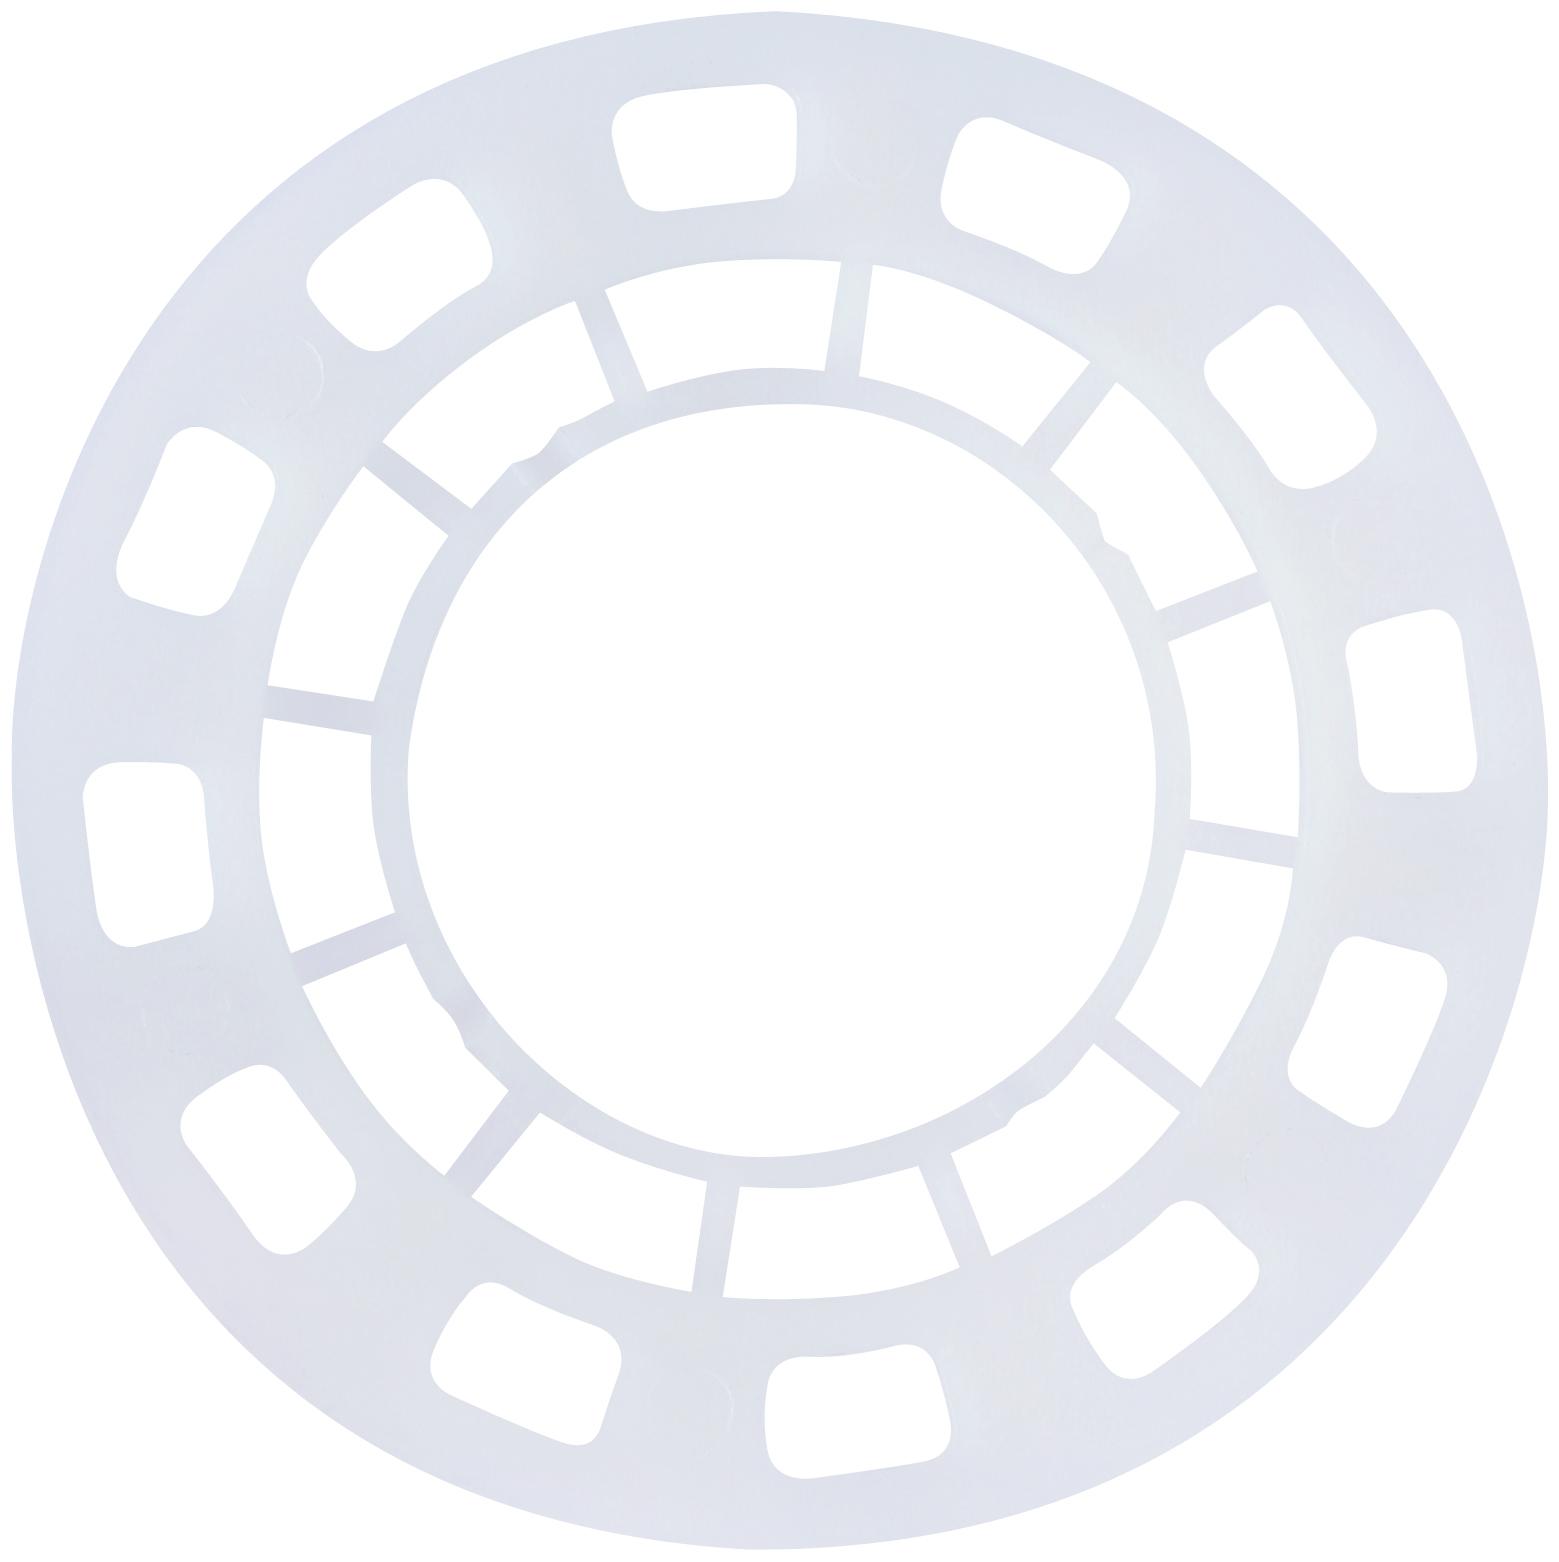 fixation d 39 isolants thermiques dimensions au choix fixation isolant thermique ancrages. Black Bedroom Furniture Sets. Home Design Ideas